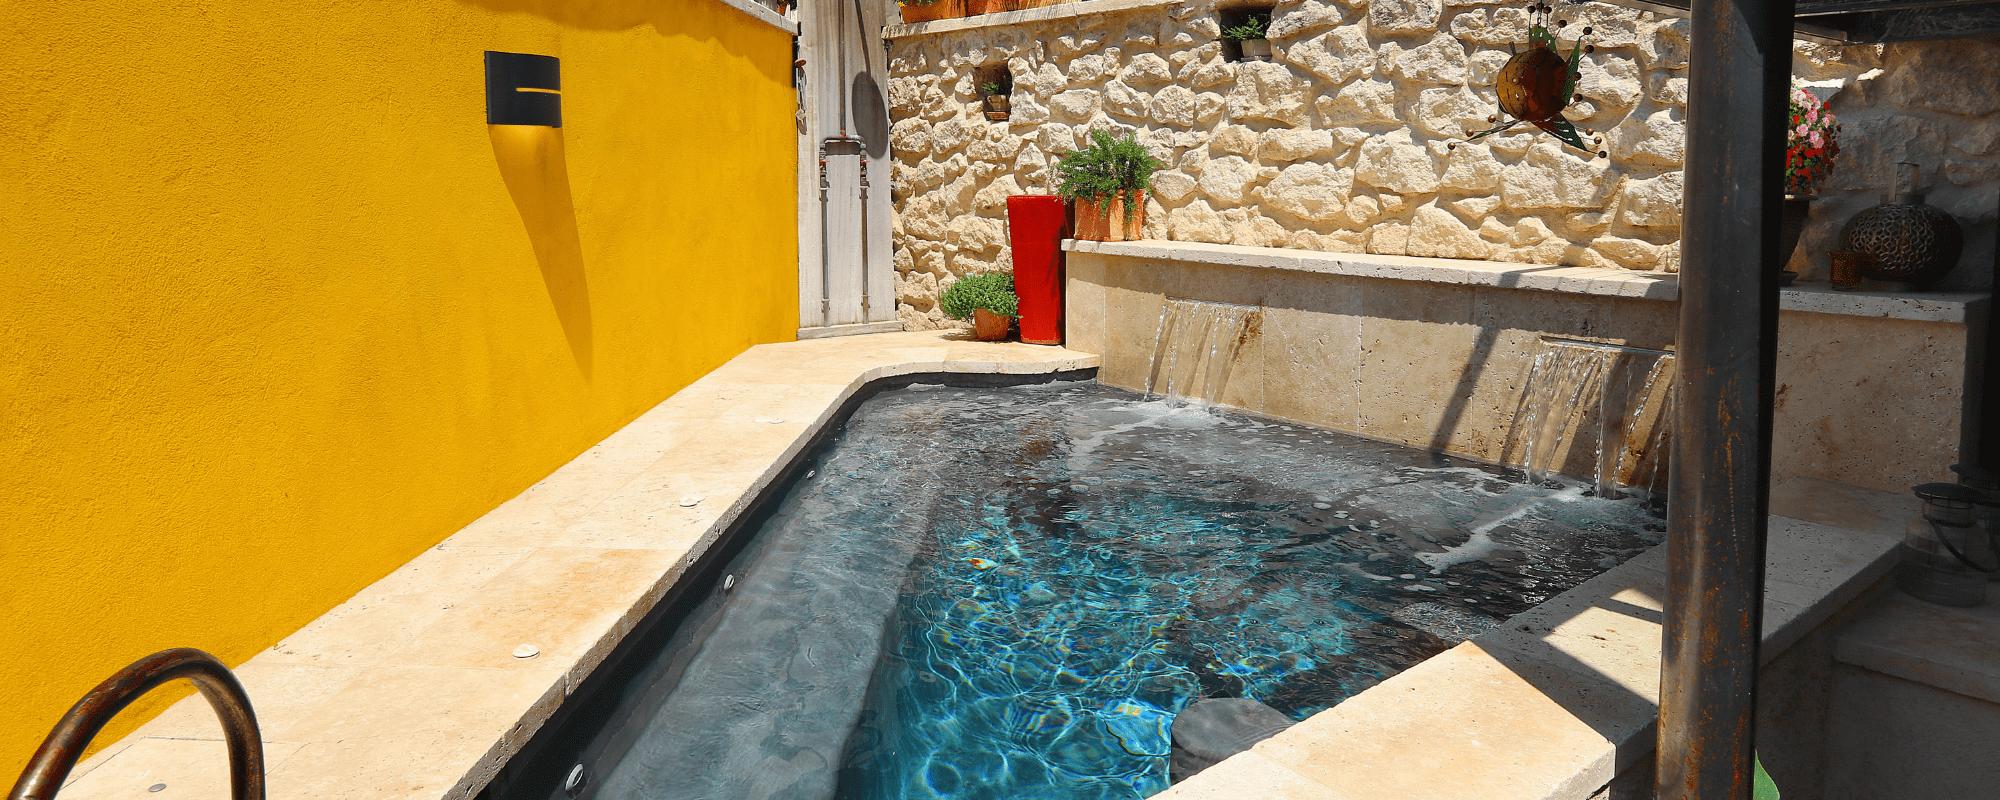 Diffazur - piscine - De Fil en Déco 2019